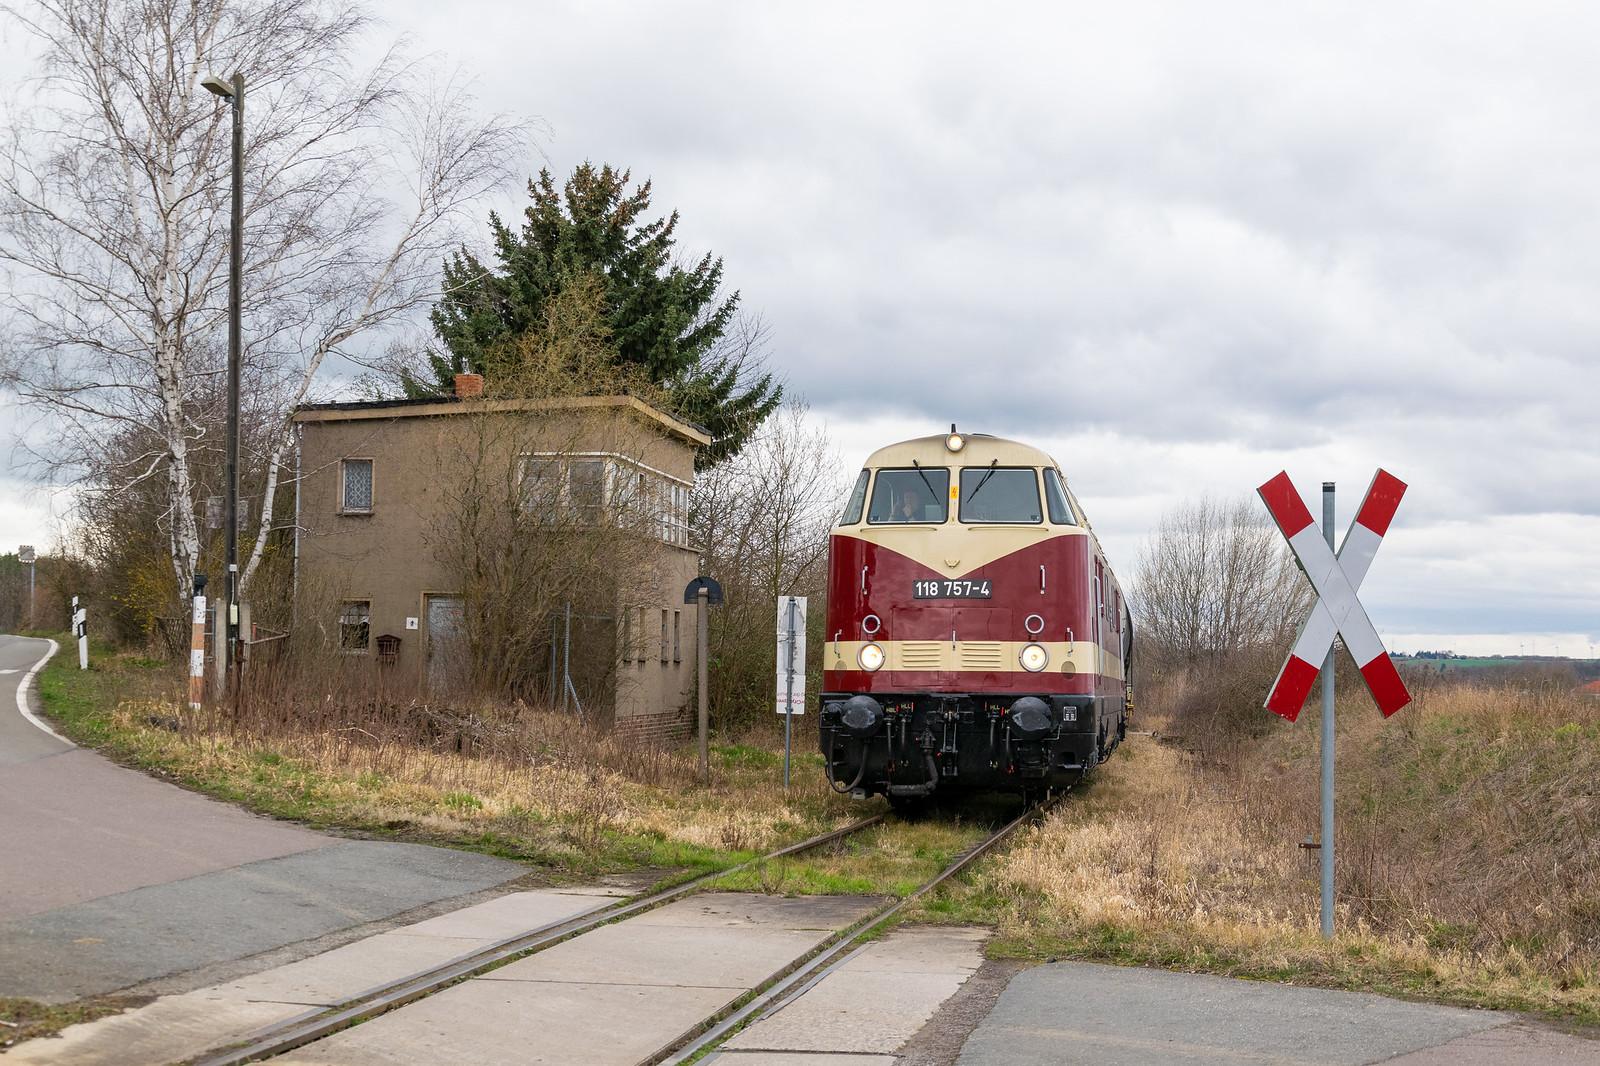 118 757 in Tröglitz